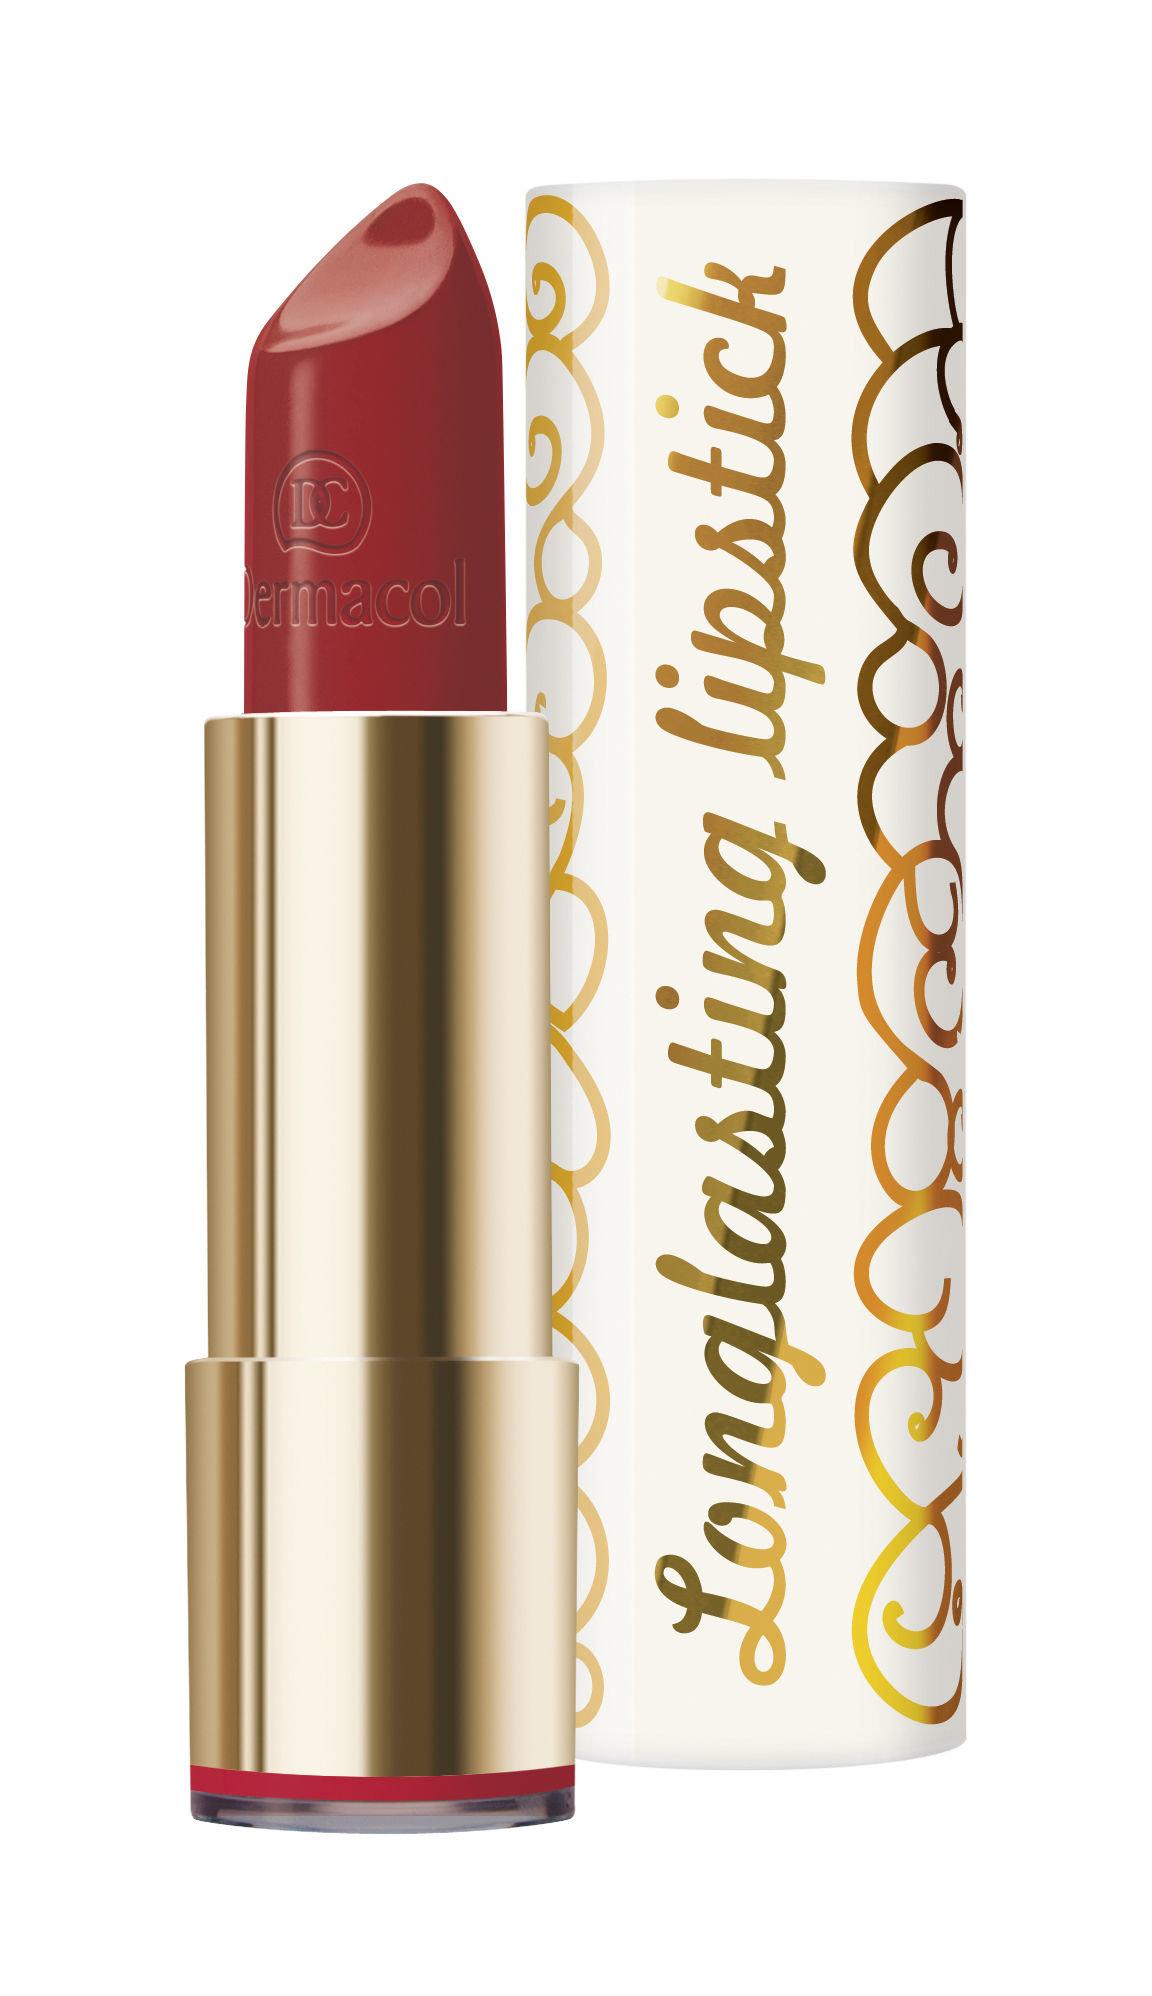 Dermacol Longlasting Cosmetic 4,8ml 14